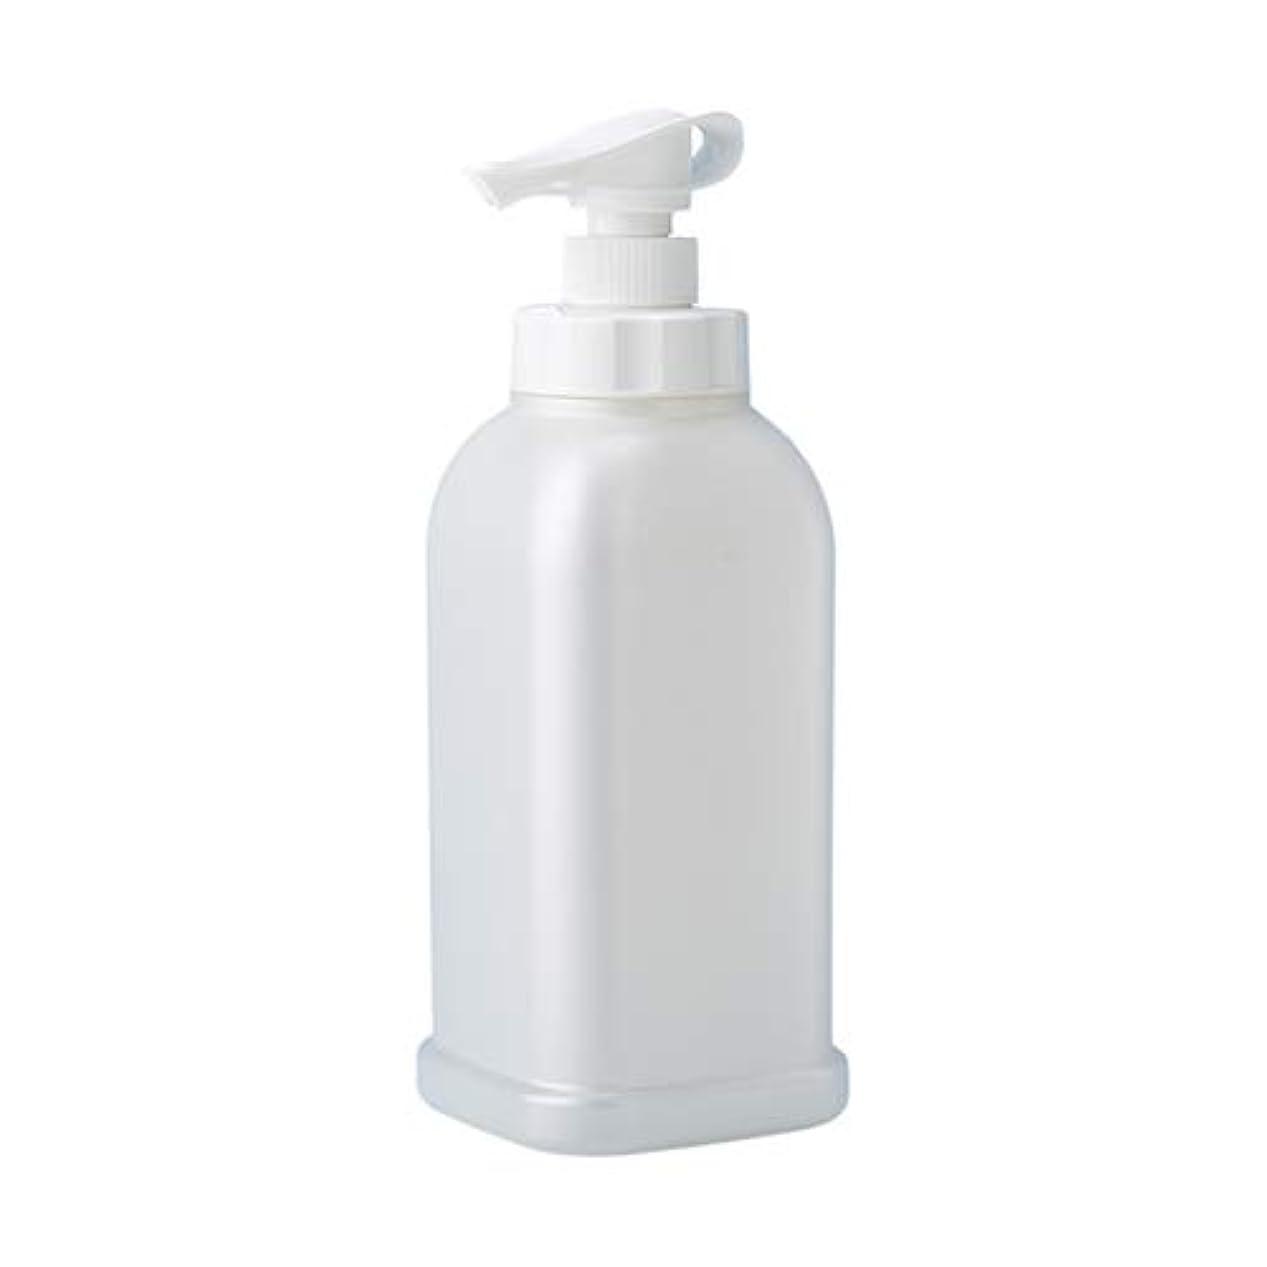 扇動約設定アクセサリー安定感のある ポンプボトル シャンプー コンディショナー リンス ボディソープ ハンドソープ 1.2L詰め替え容器 パールホワイト